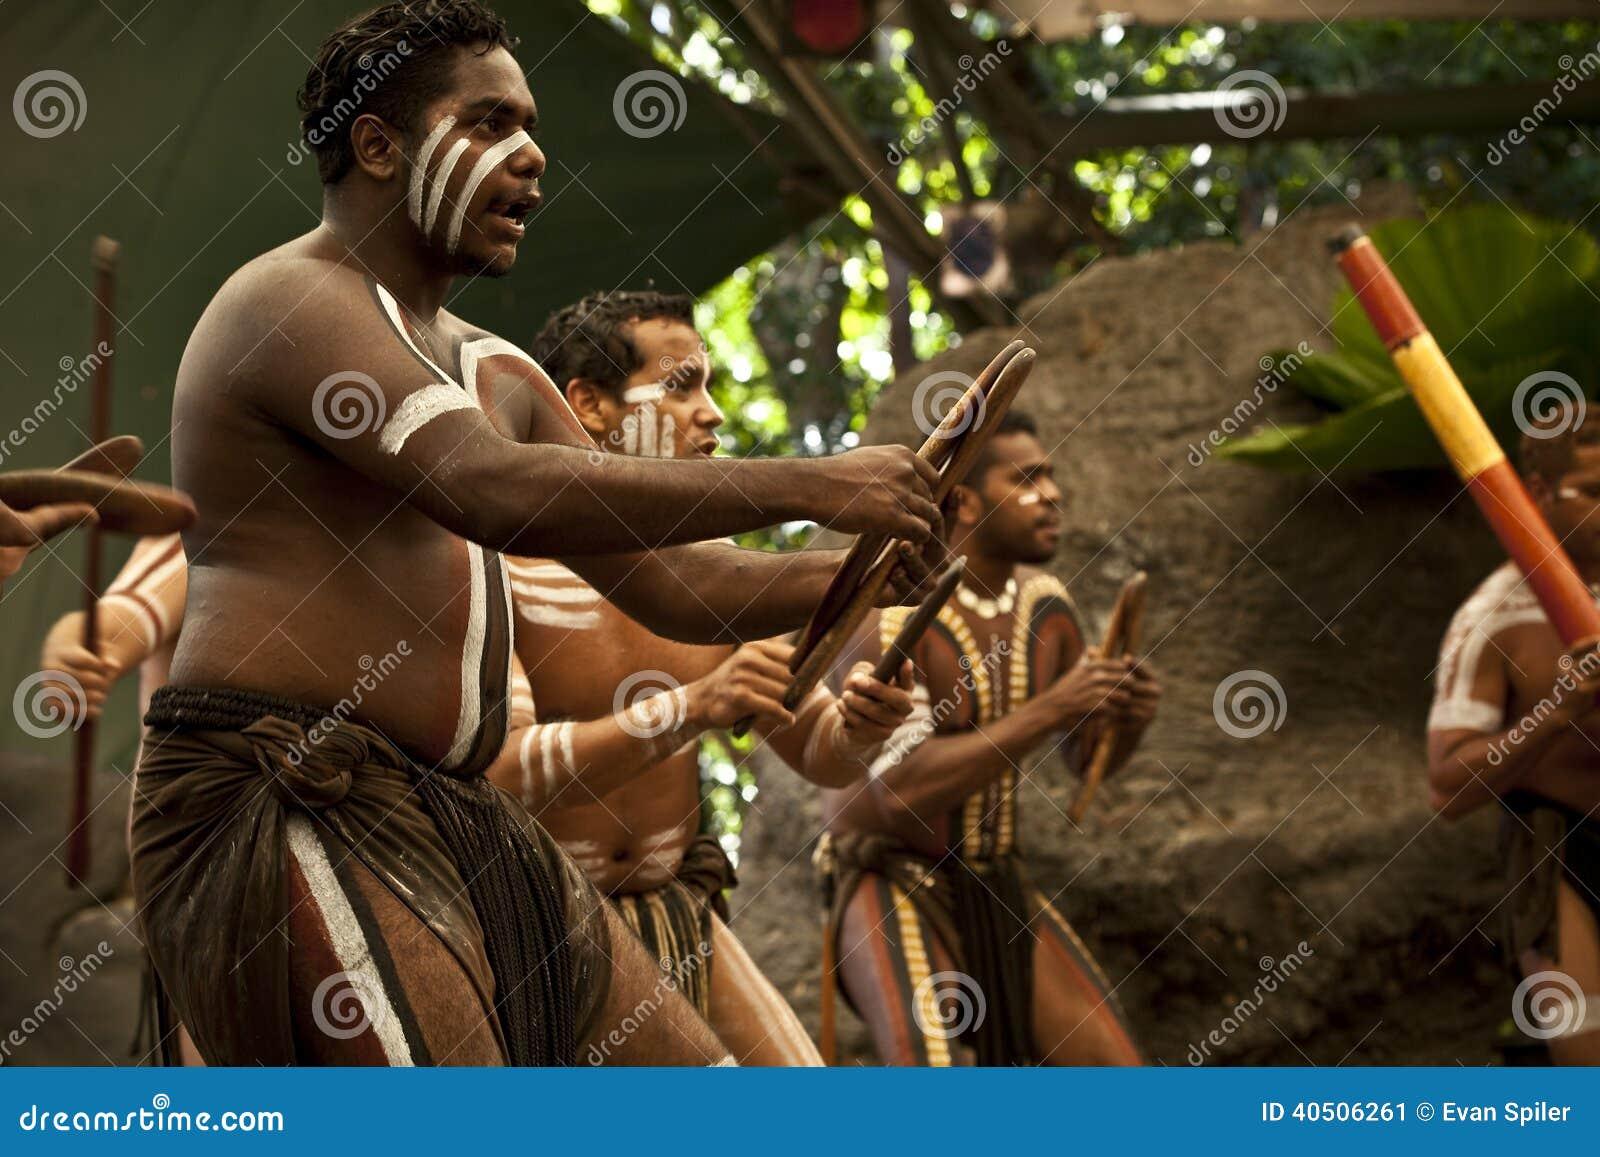 Aborigines actors at a performance